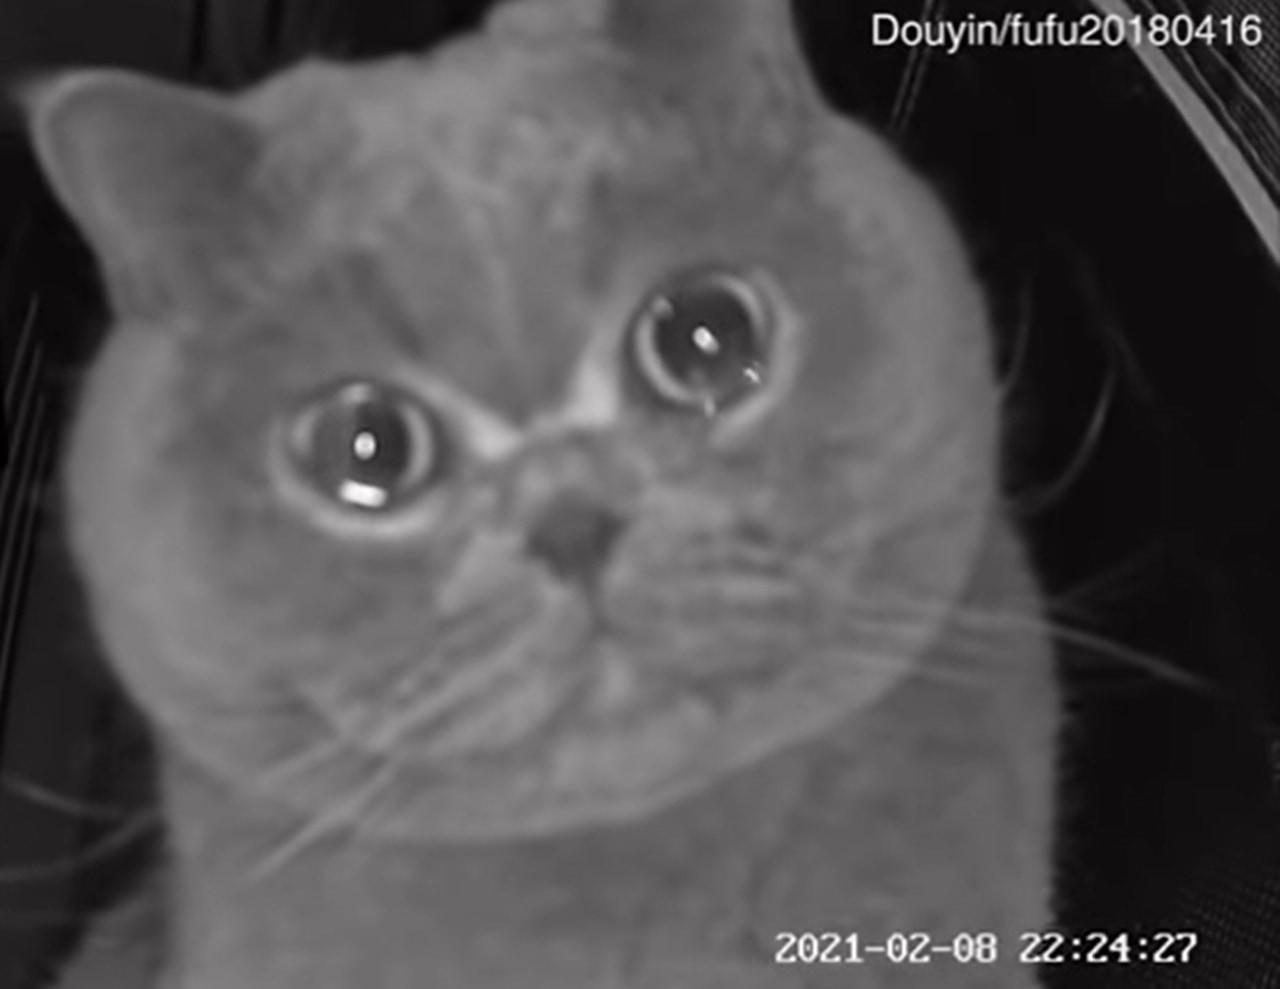 「早く帰ってきて」とペットカメラに訴えるニャンコに飼い主は帰宅不可避!